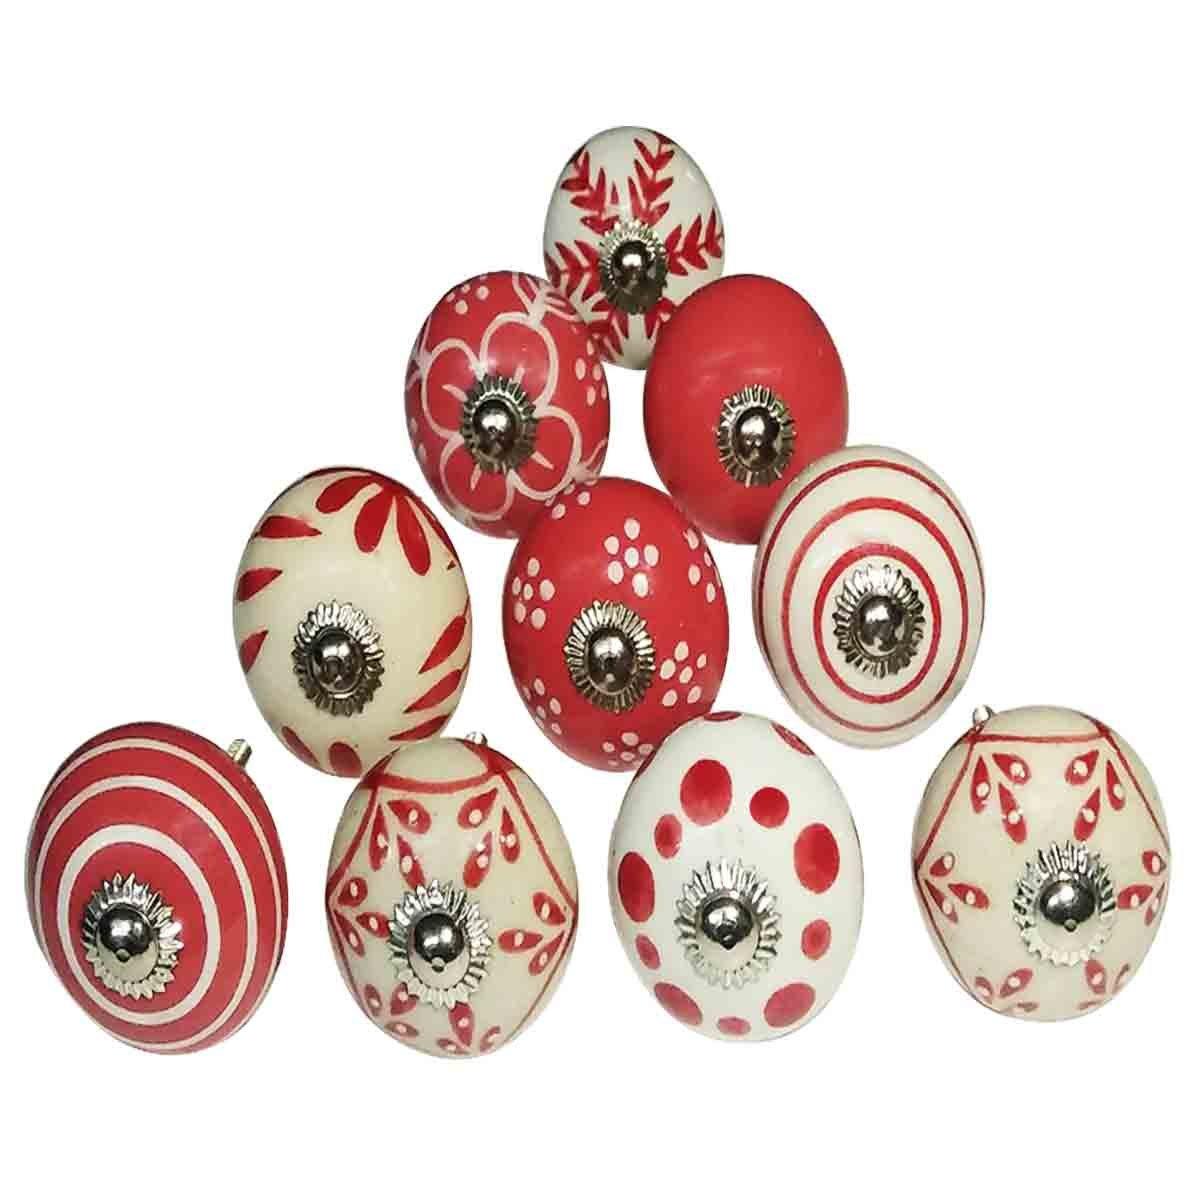 /Lot de 10/boutons assortis Rouge et blanc fleur Boutons en c/éramique faite /à la main Motif//tiroir de cabinet /à partir//poign/ées/ /Home Decor Accessoires Fait /à la main Boutons Sale/